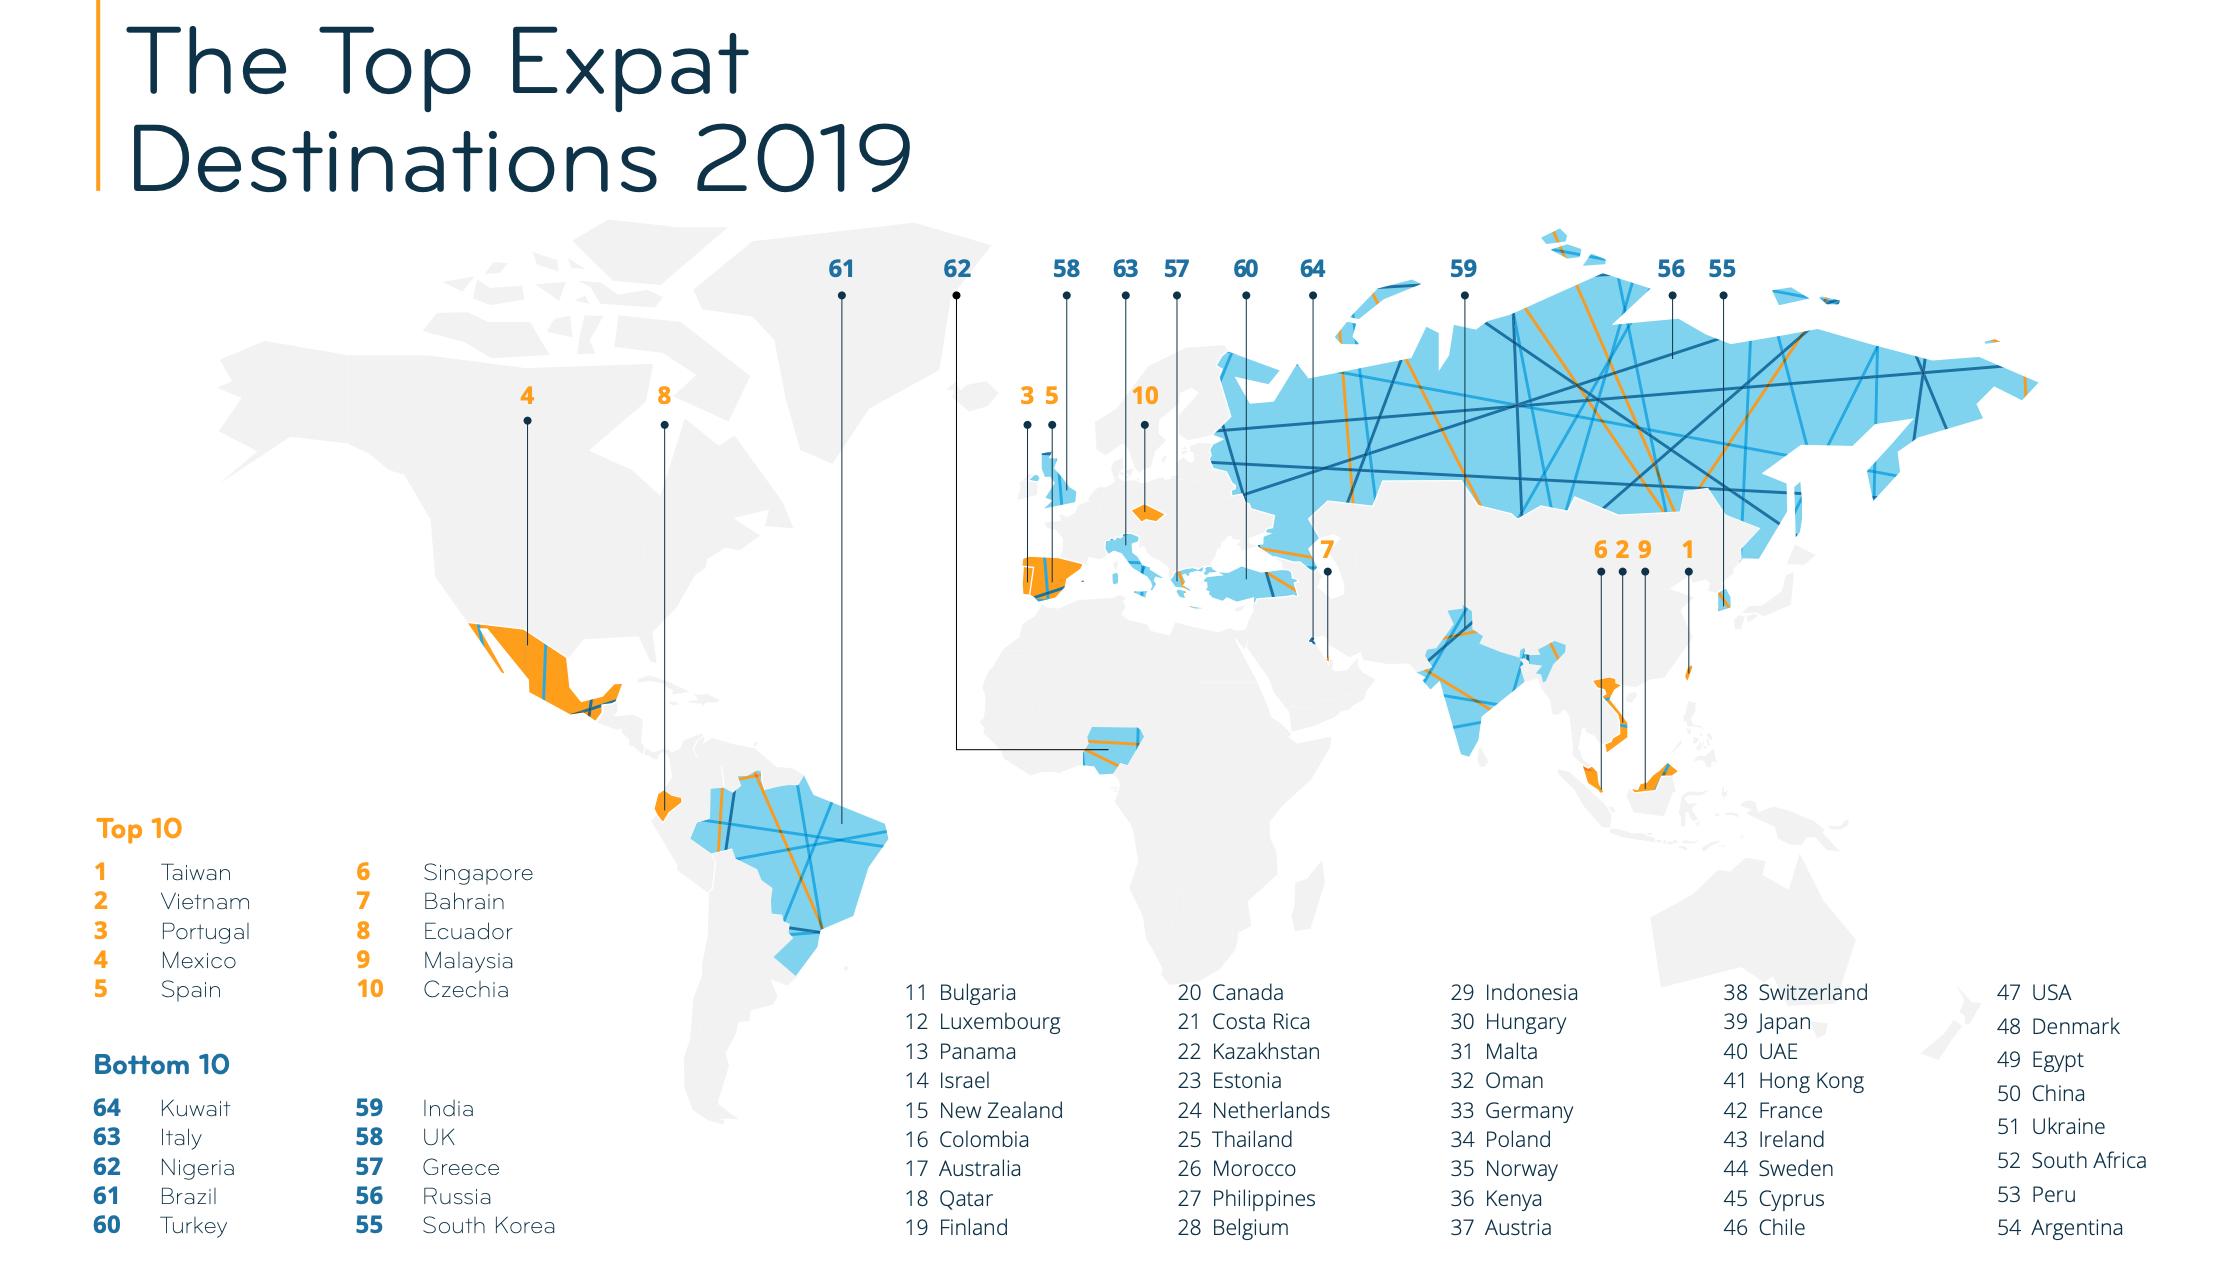 Expat Insider 2019 Top Destinations